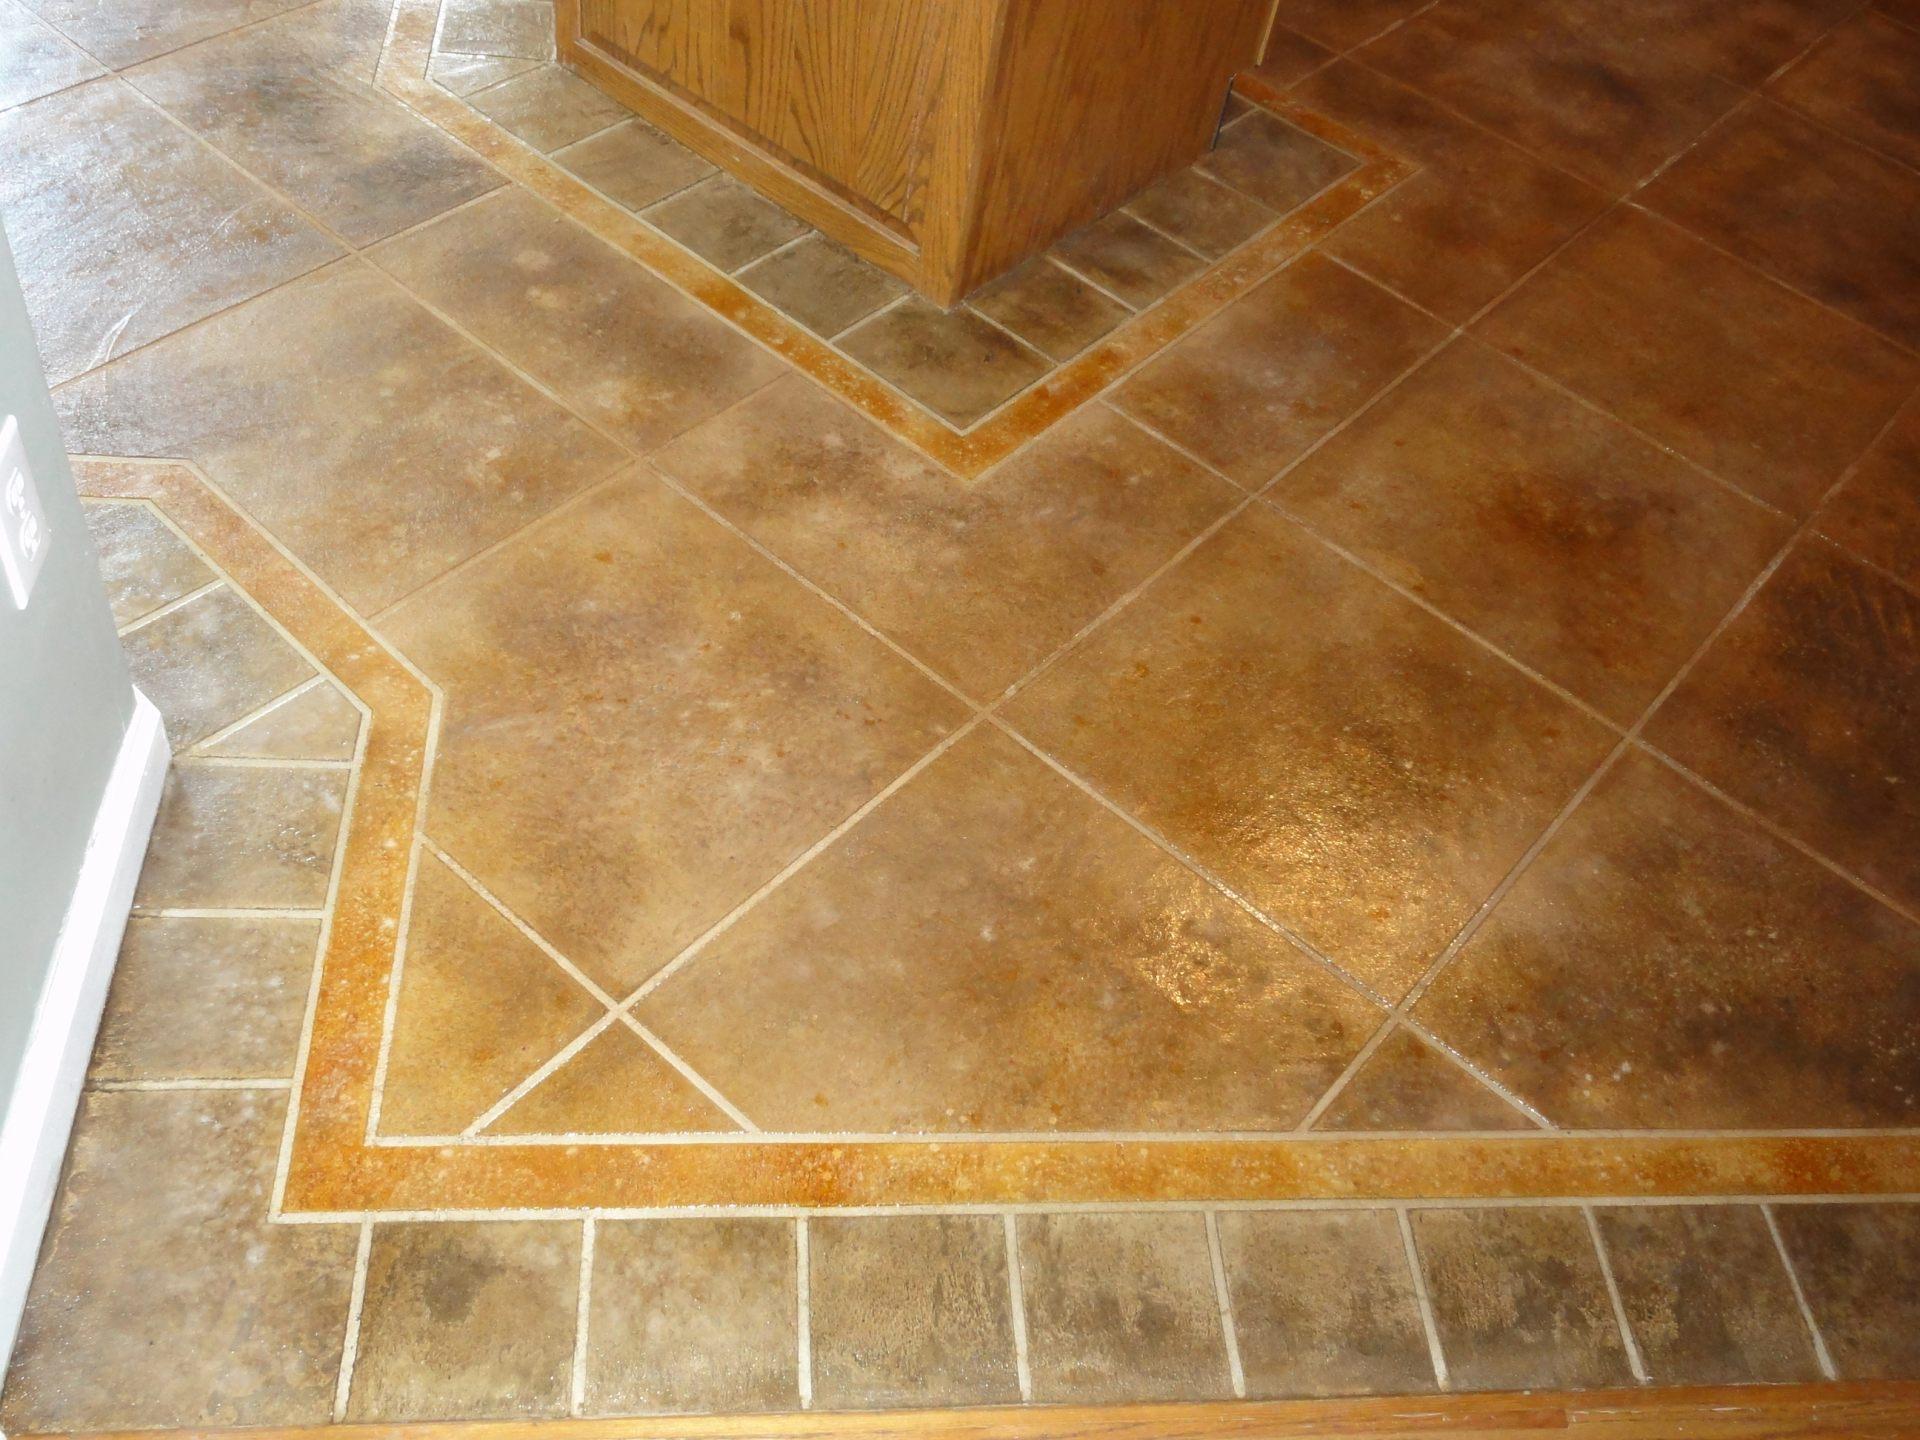 kitchen floor tile pattern ideas photo - 5